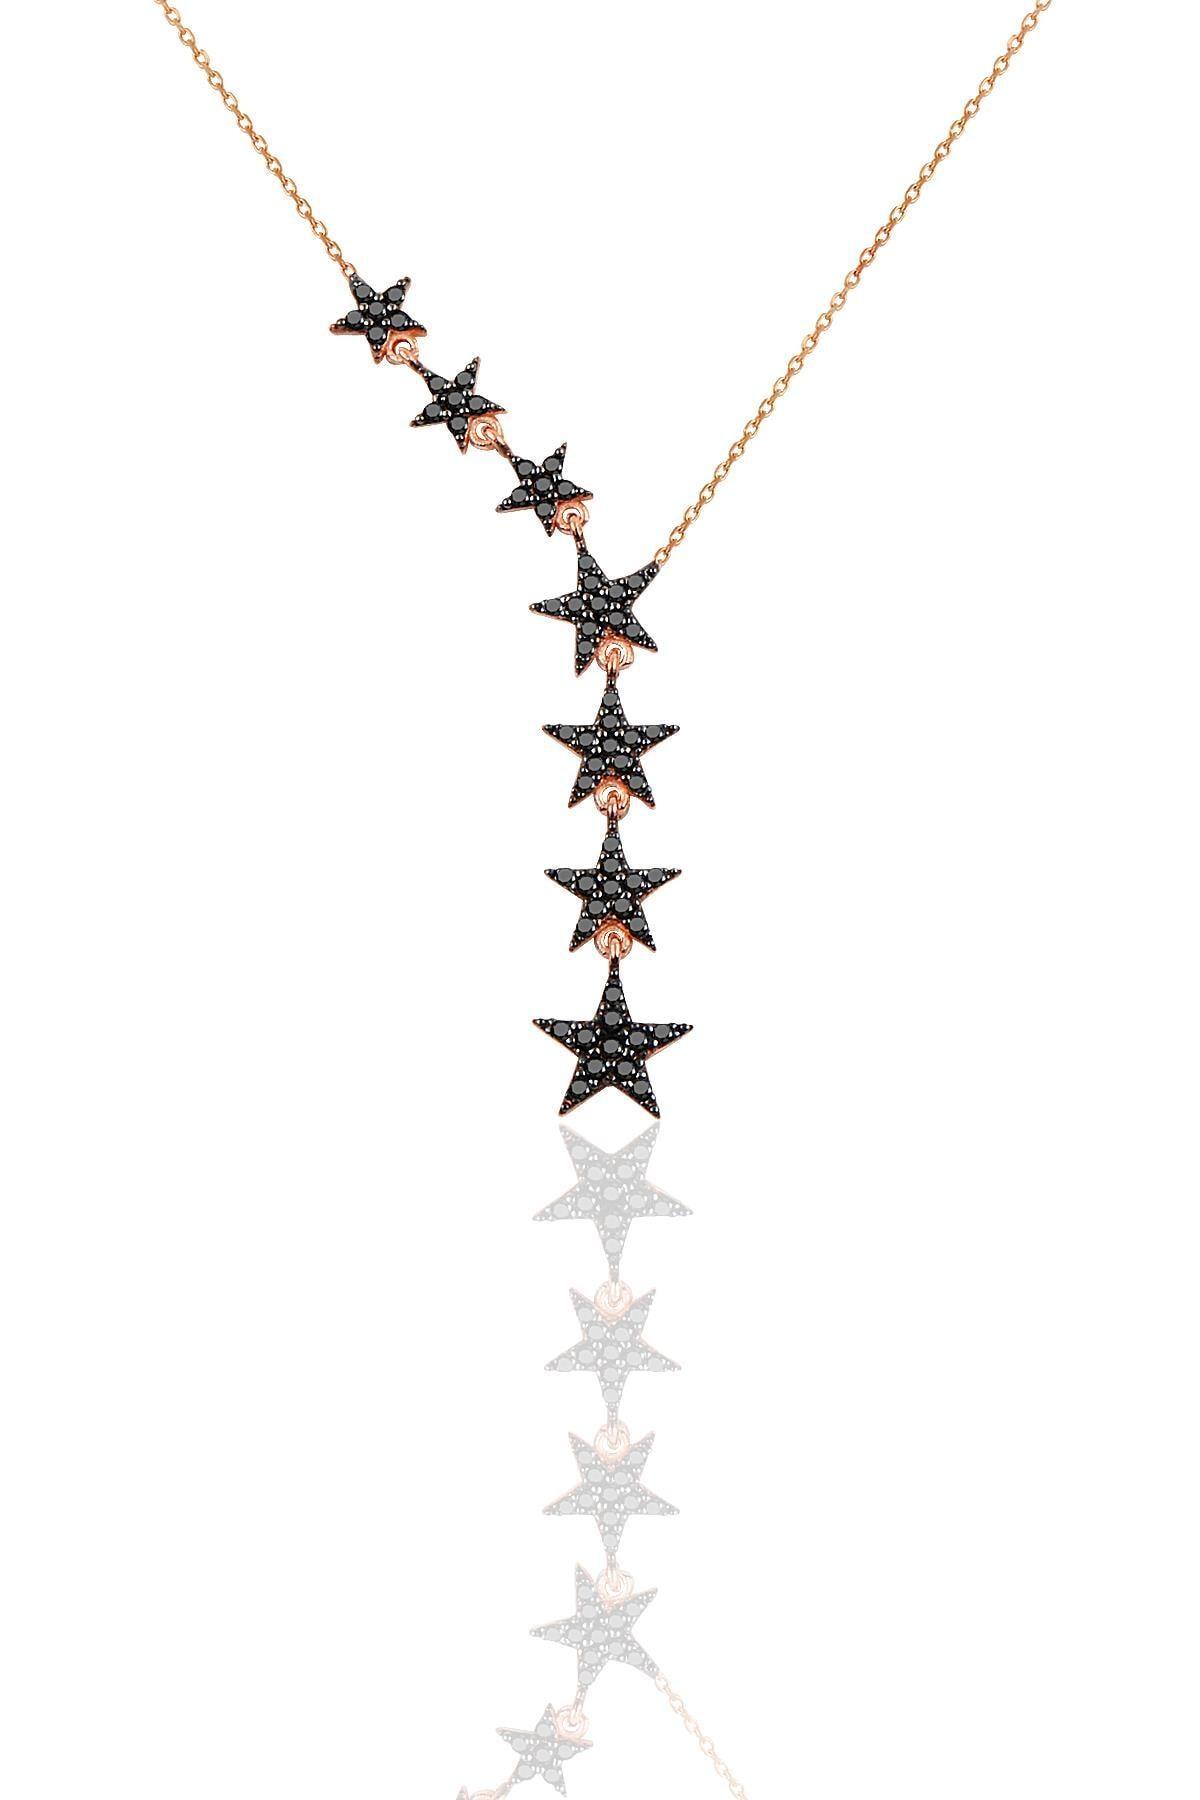 Söğütlü Silver Gümüş rose siyah taşlı kuyruklu yıldız kolye kupe ve yüzük üçlü set 2